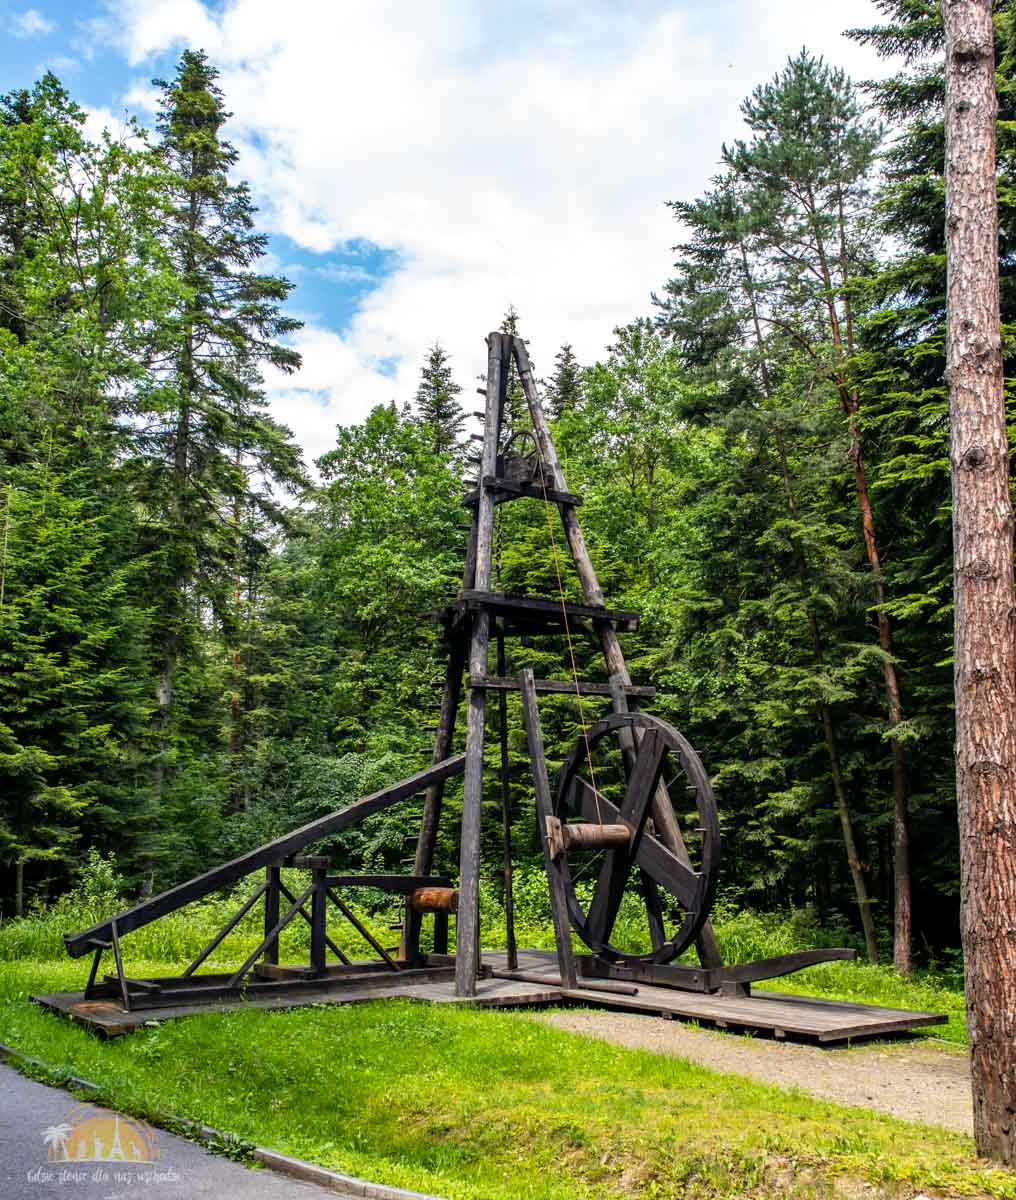 Muzeum przemysłu naftowego i gazowniczego im. Ignacego Łukasiewicza (2)